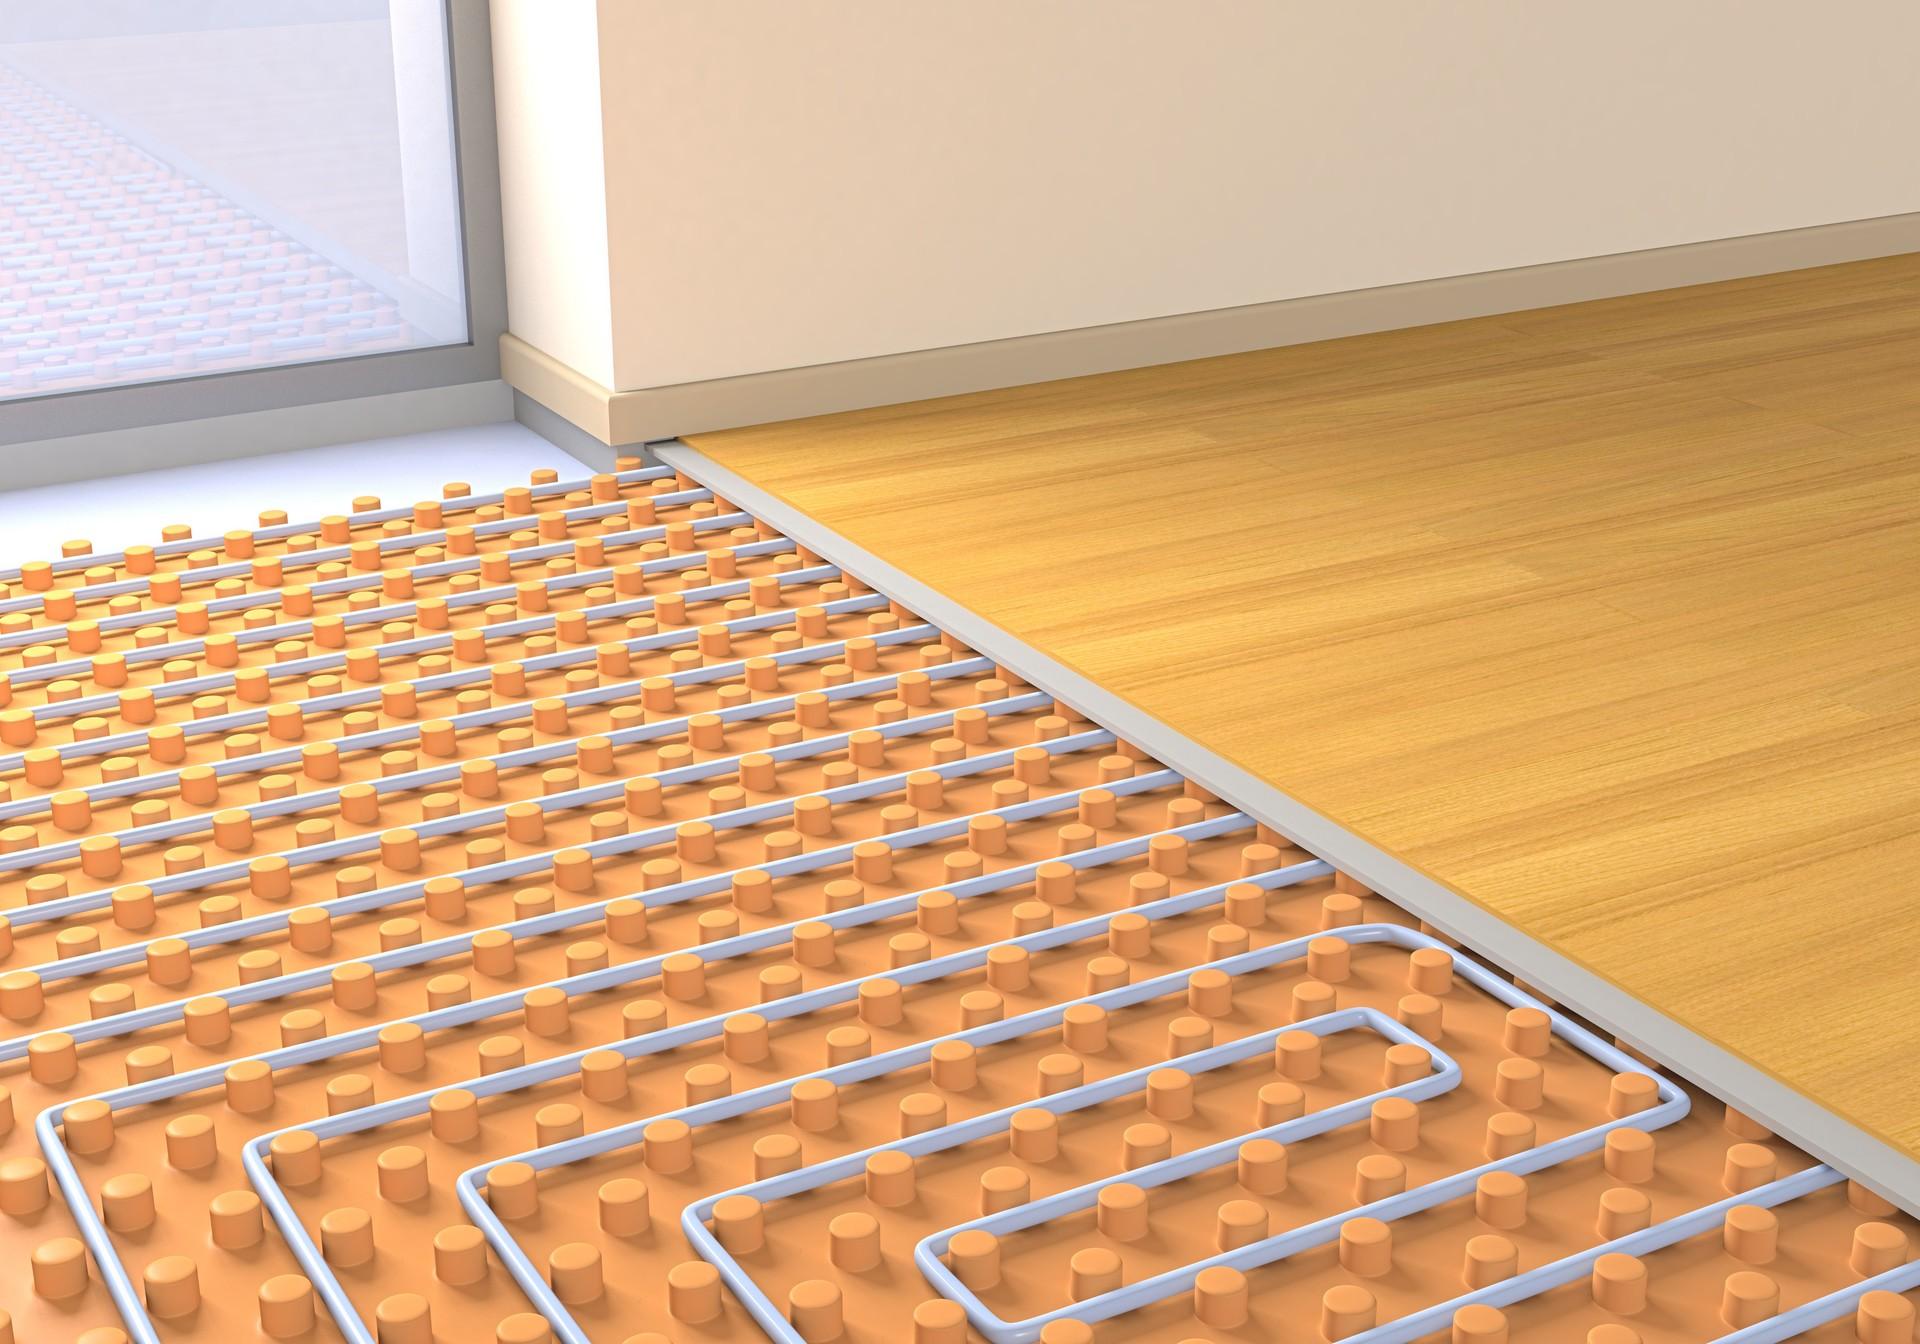 Elektrische Verwarming Of Warmtepomp Alternatief Voor Cv